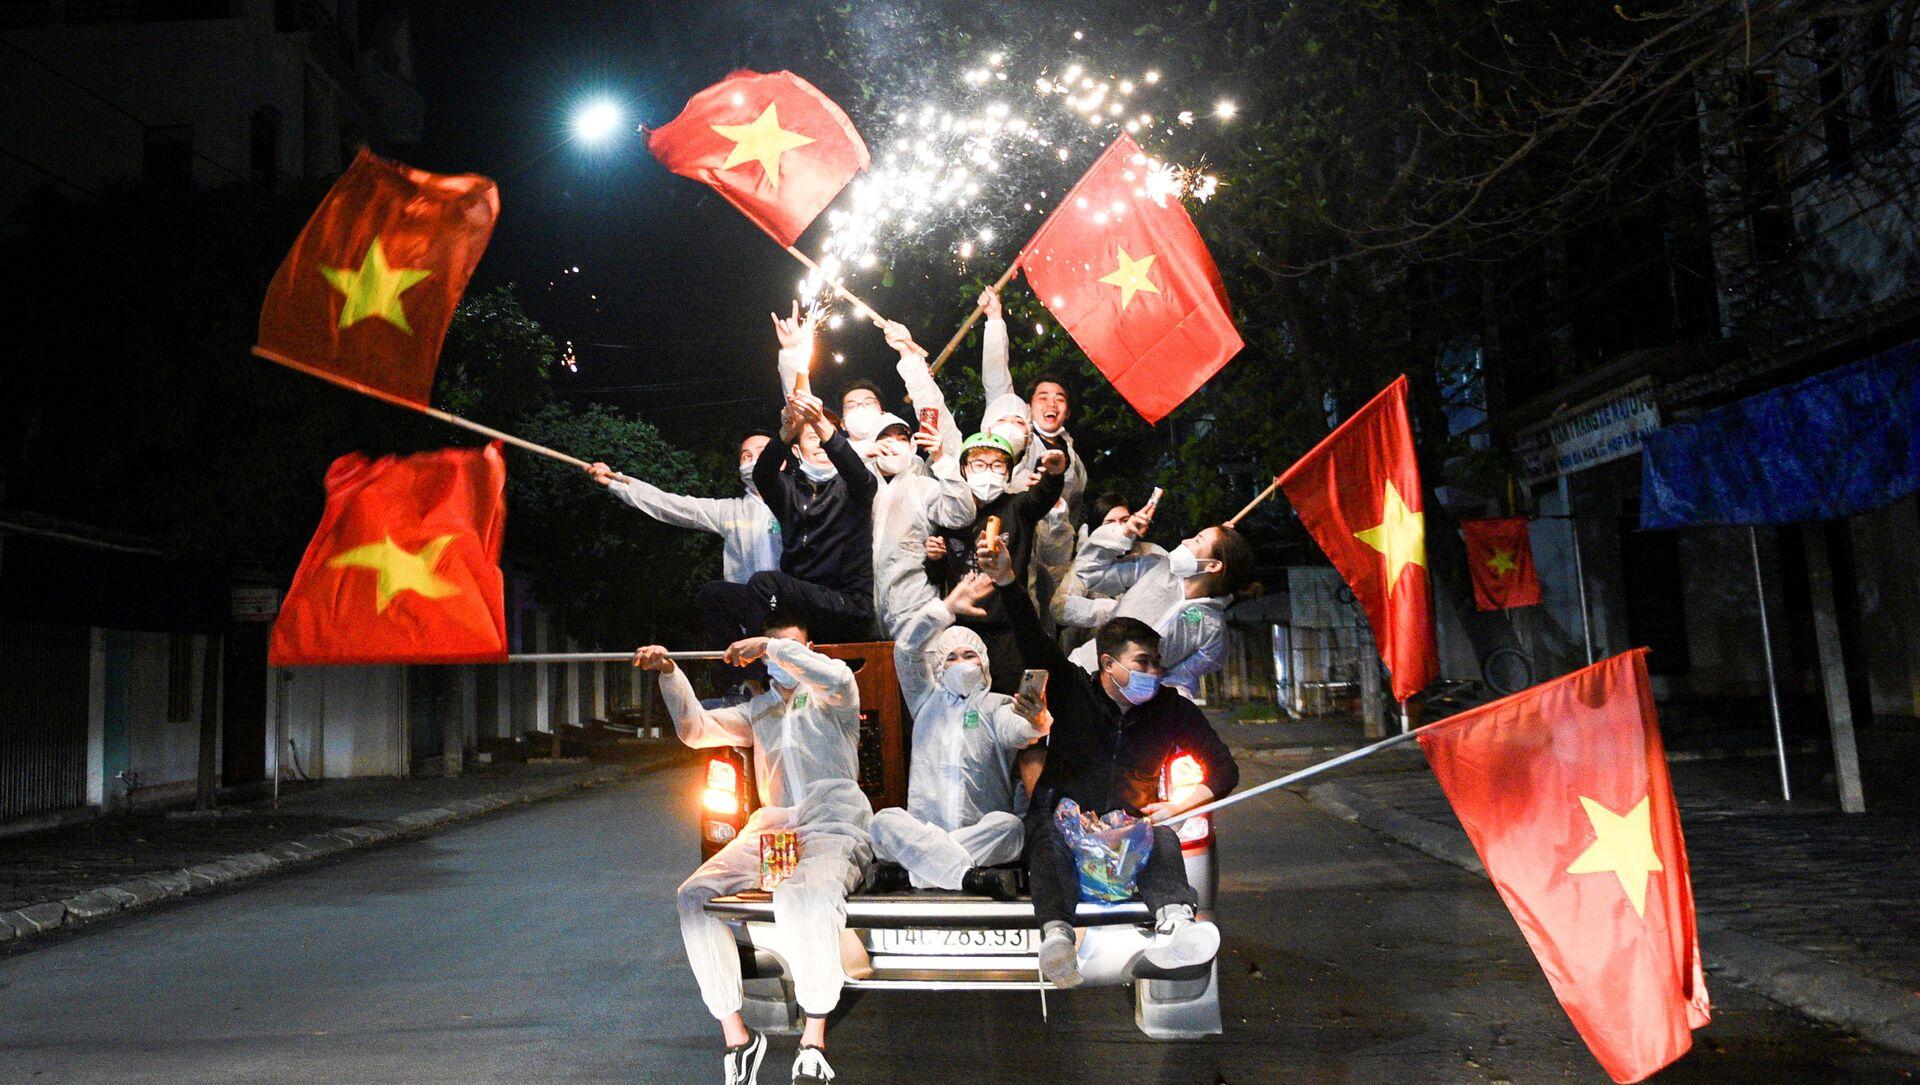 Người dân ăn mừng kết thúc giãn cách xã hội ở Chí Linh, tỉnh Hải Dương, Việt Nam - Sputnik Việt Nam, 1920, 24.04.2021